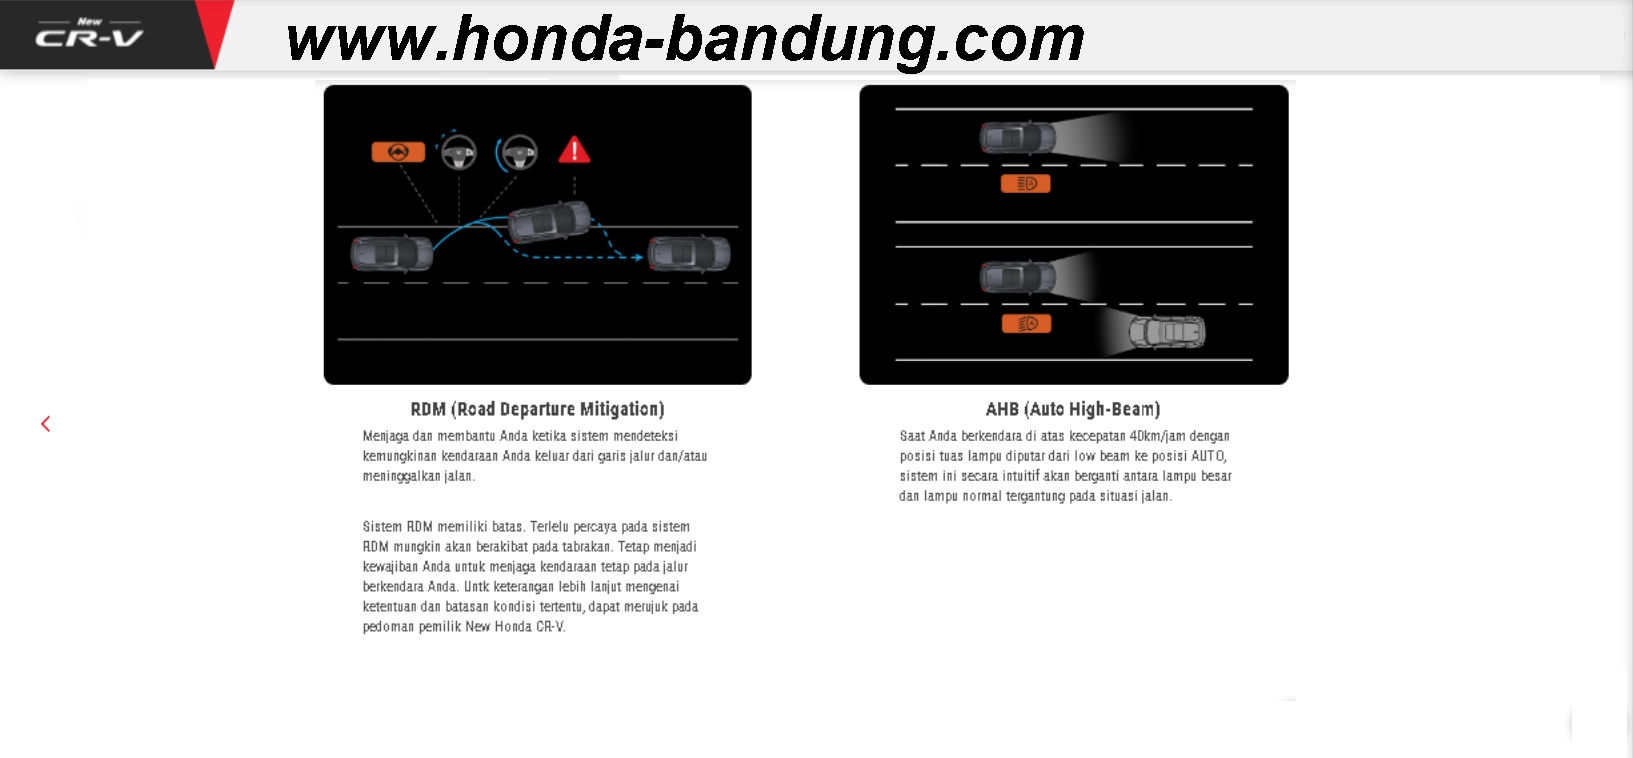 www.honda-bandung.com